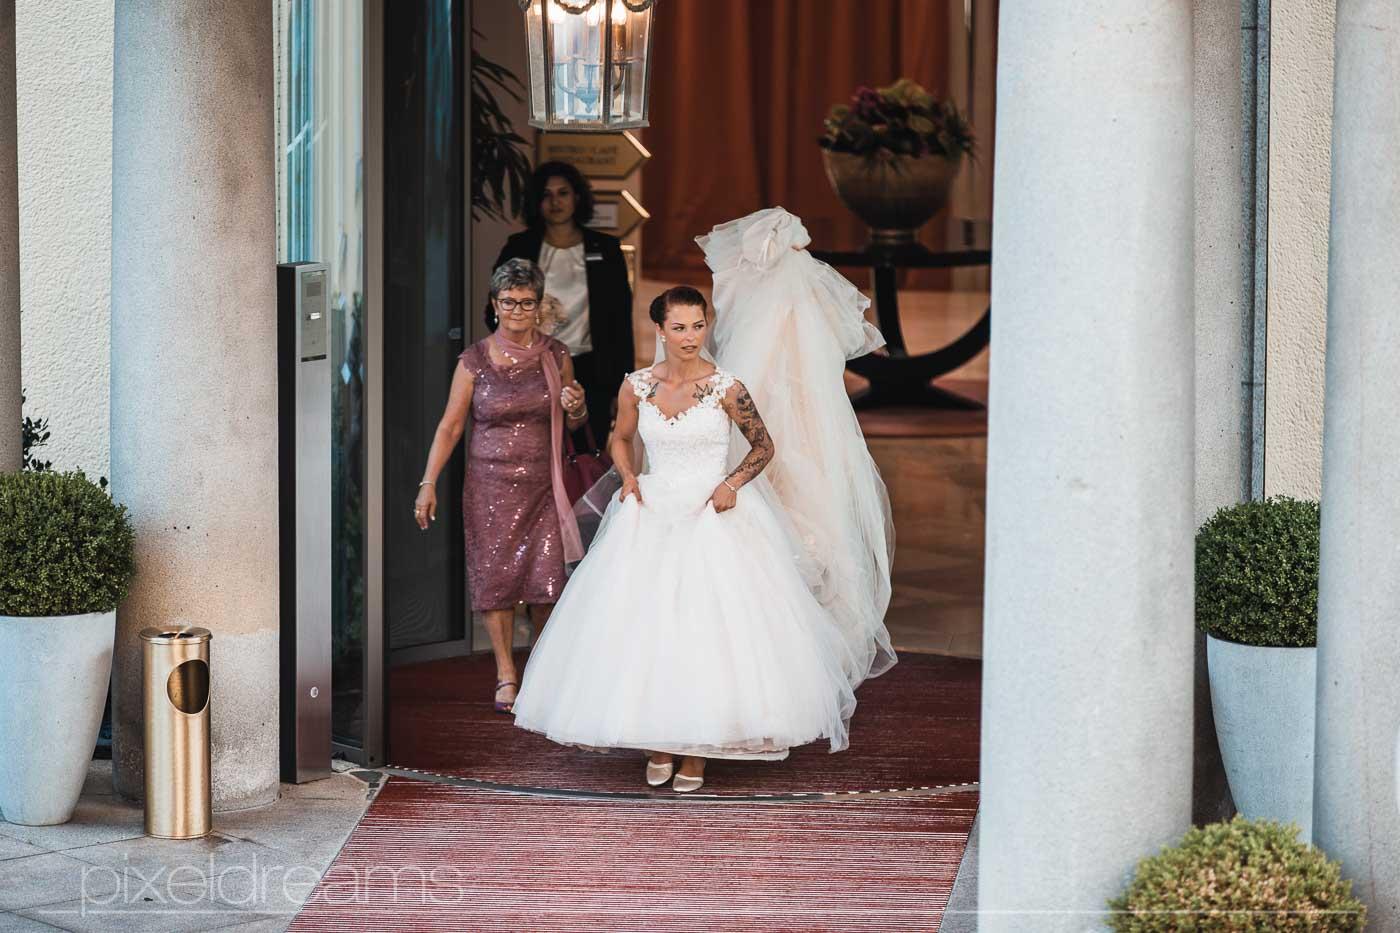 Braut verlässt das Ressort. Erster Antritt kurz vor der Trauung.